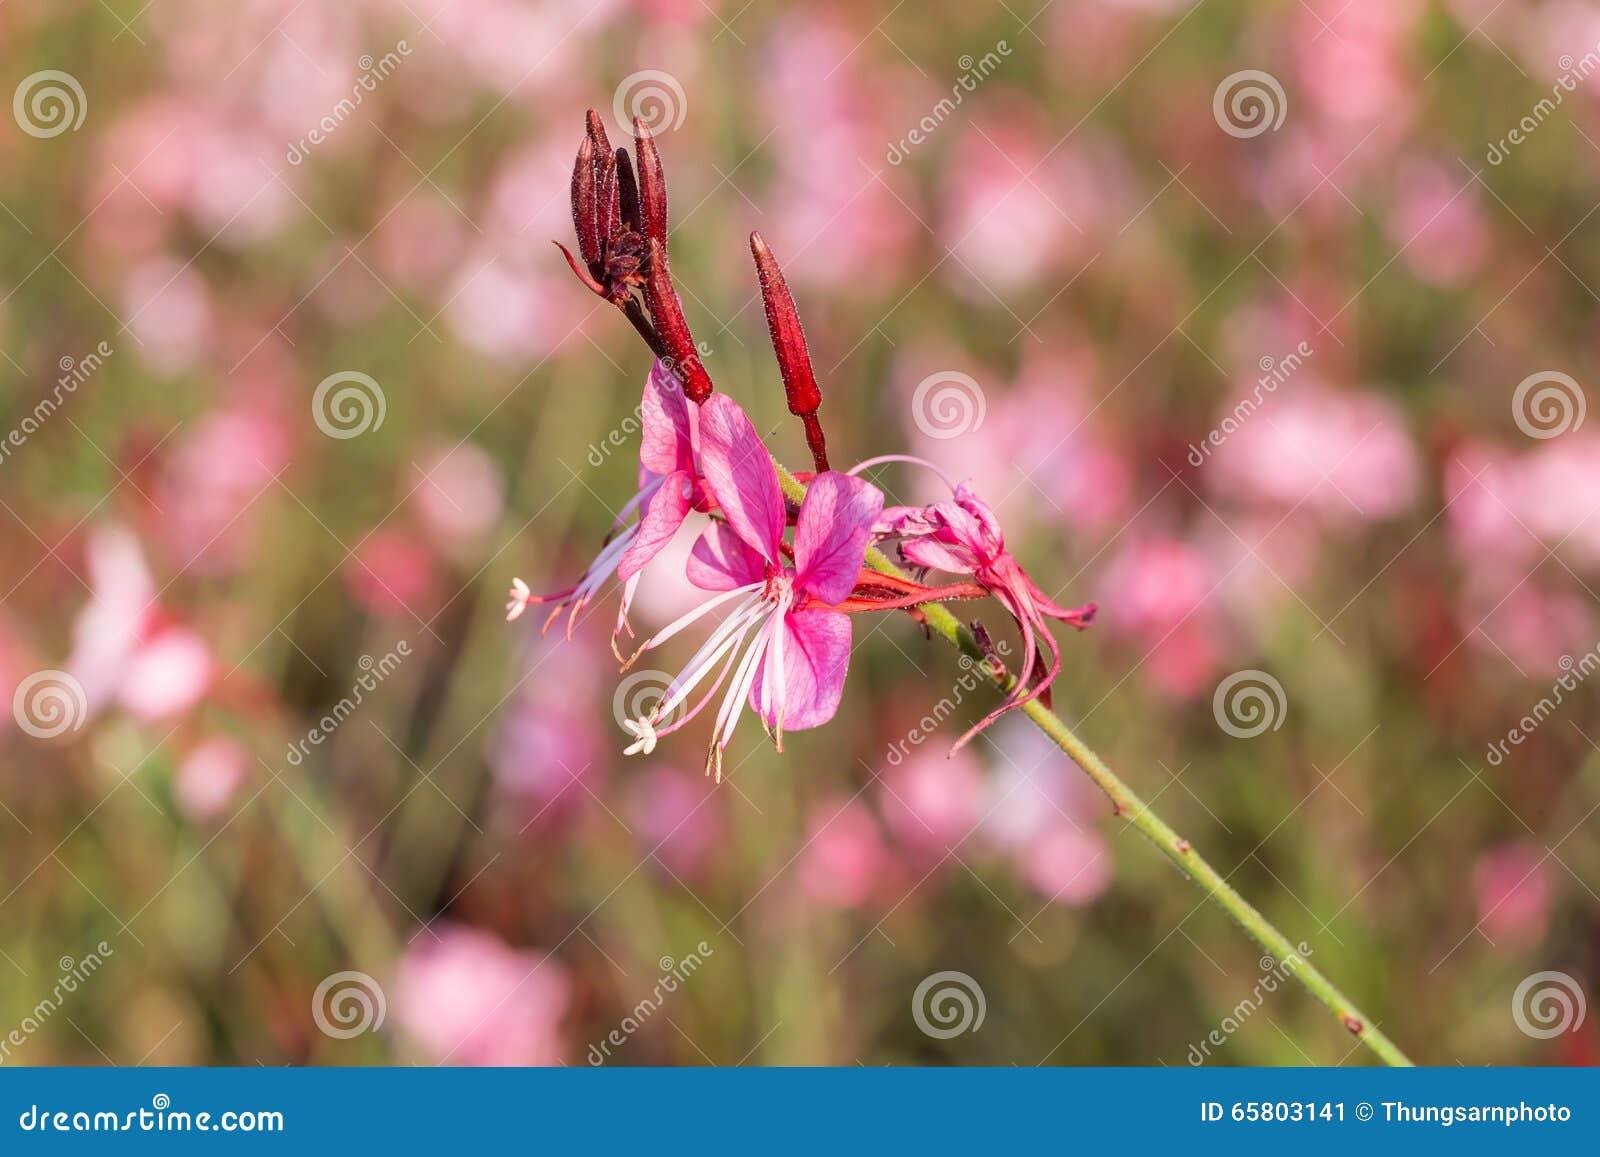 Gaura lindheimeri lub Kłębiasty motyla kwiat